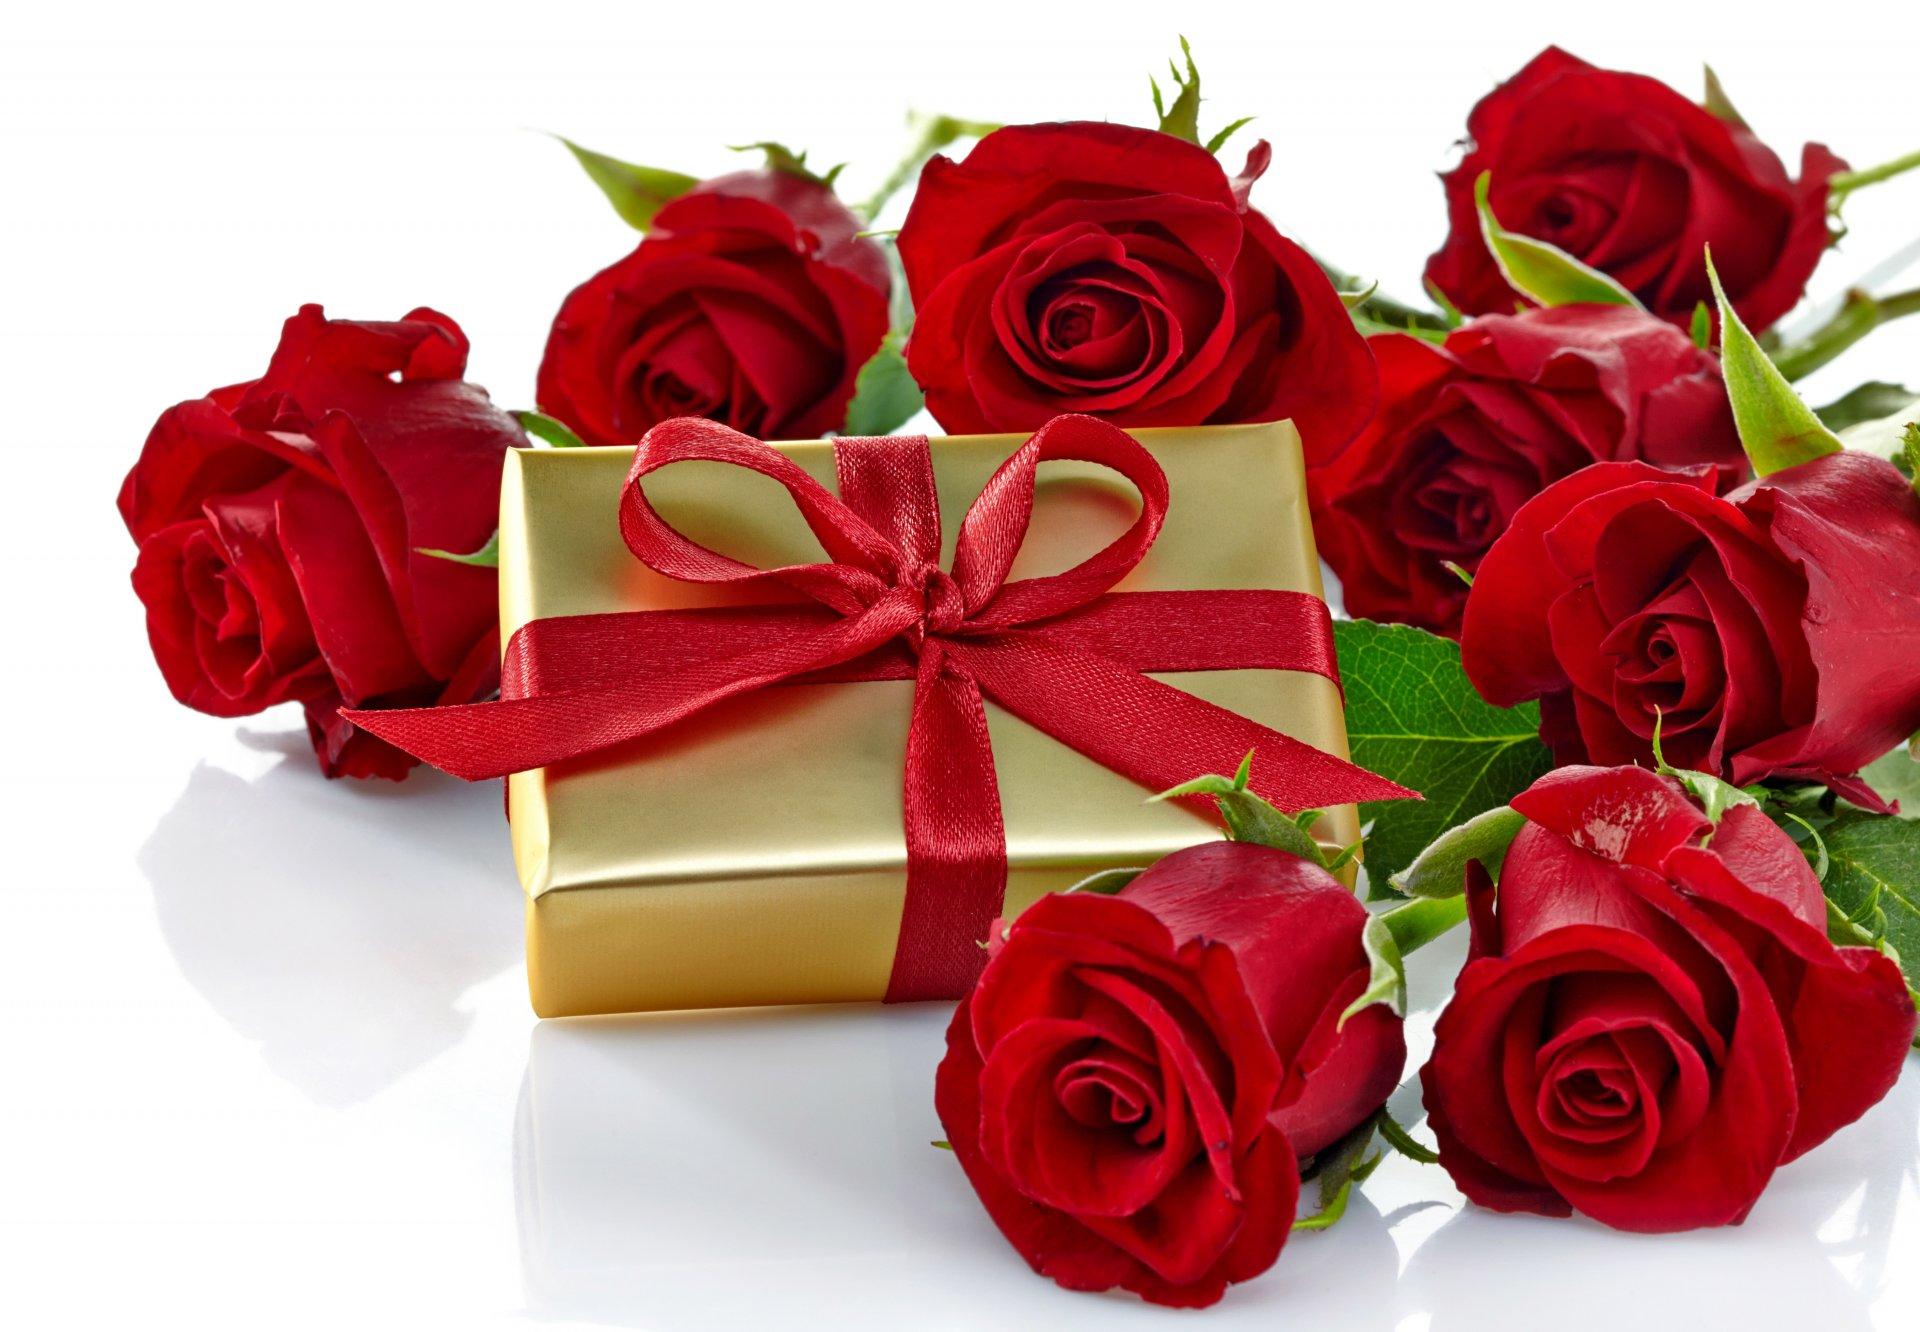 Эротические романтический розы и фотографии женщин #3